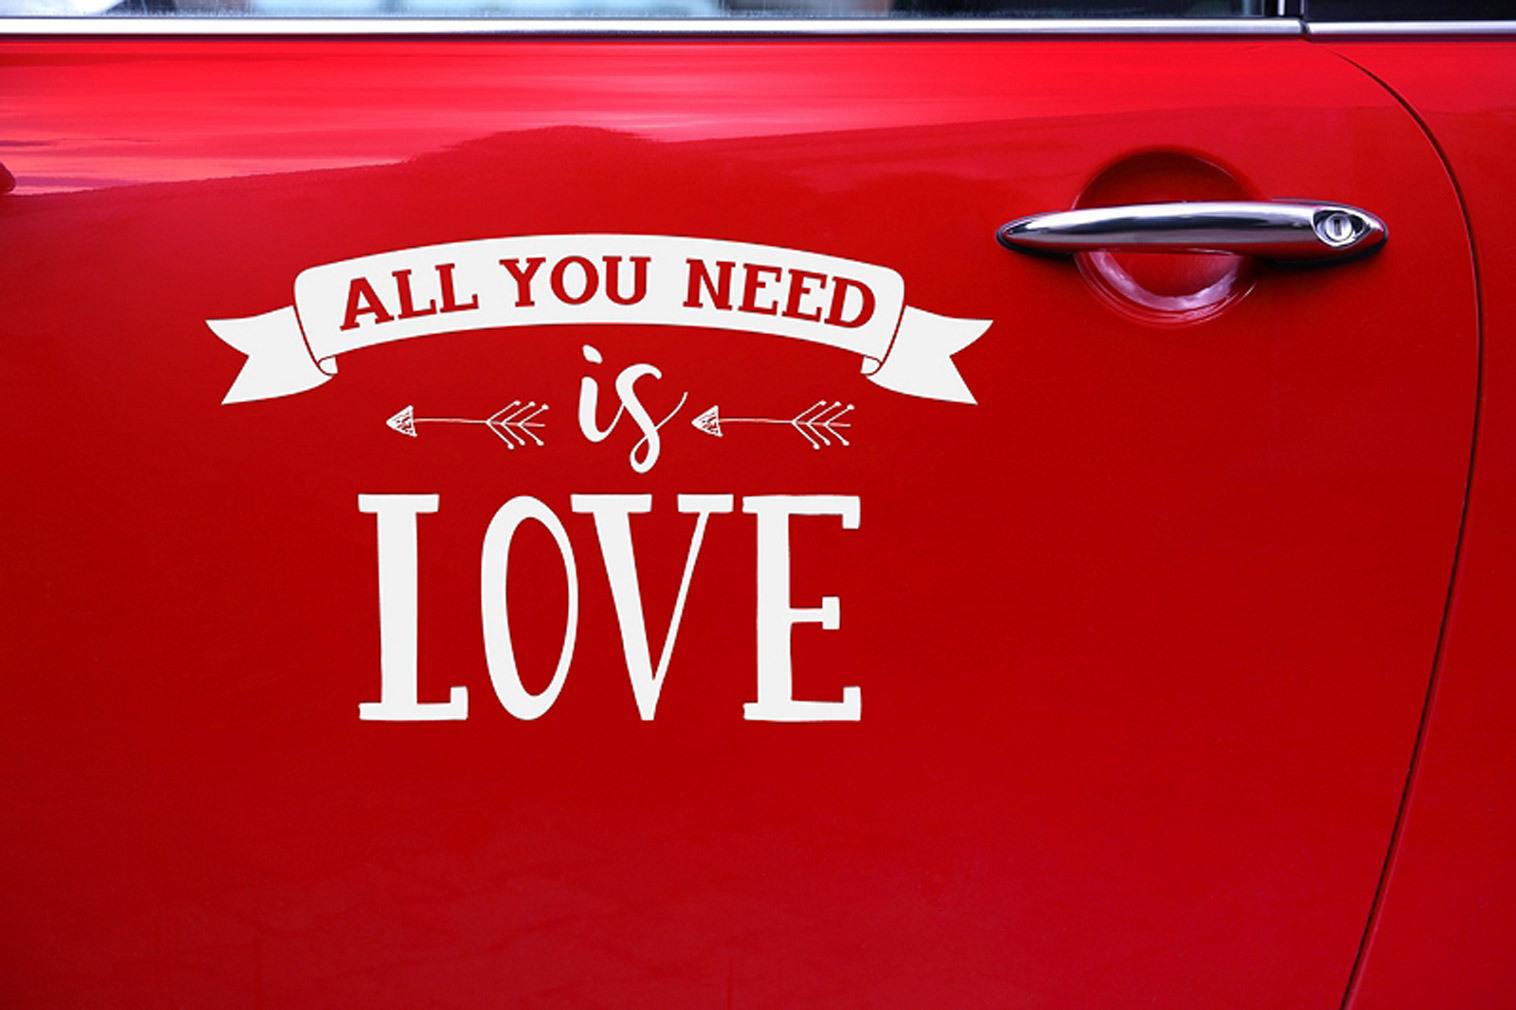 Sticker Aufkleber für Hochzeitsauto All you need is Love weiß Hochzeitsdeko Brautpaar